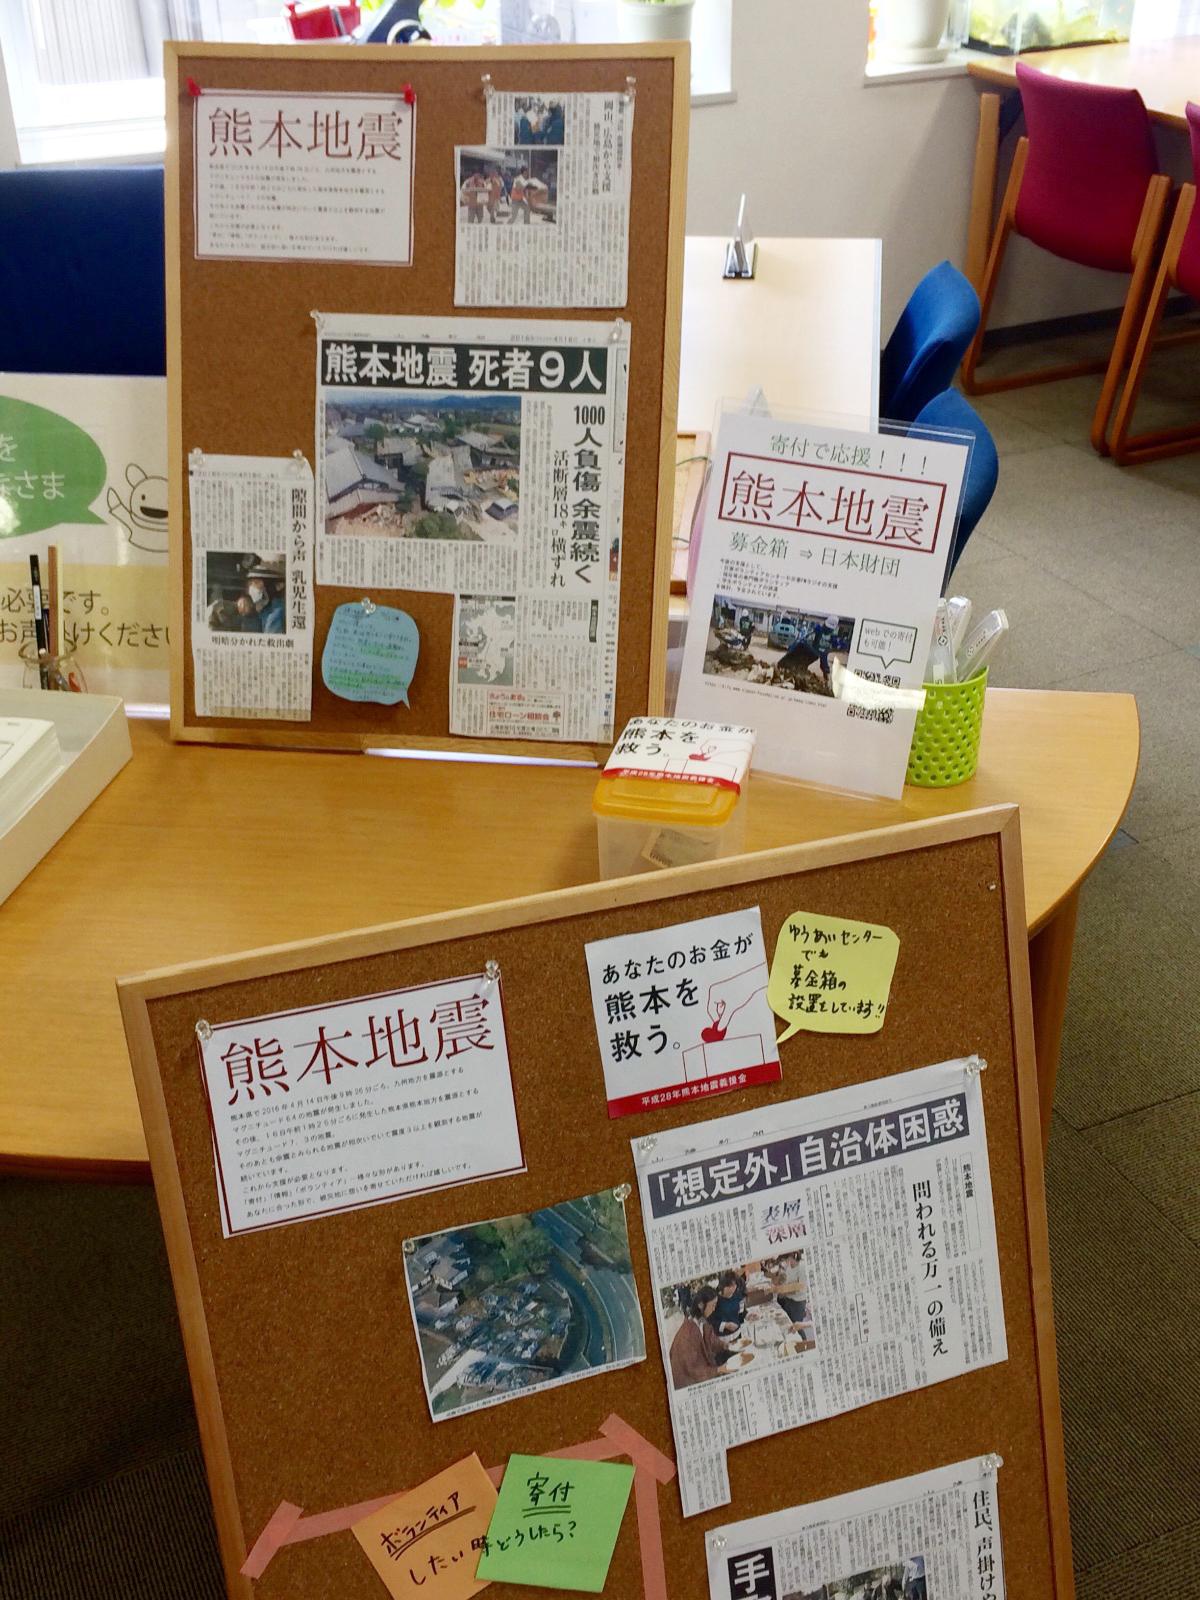 【熊本地震:情報パネルと募金箱を設置しています】(平成28年4月16日更新)